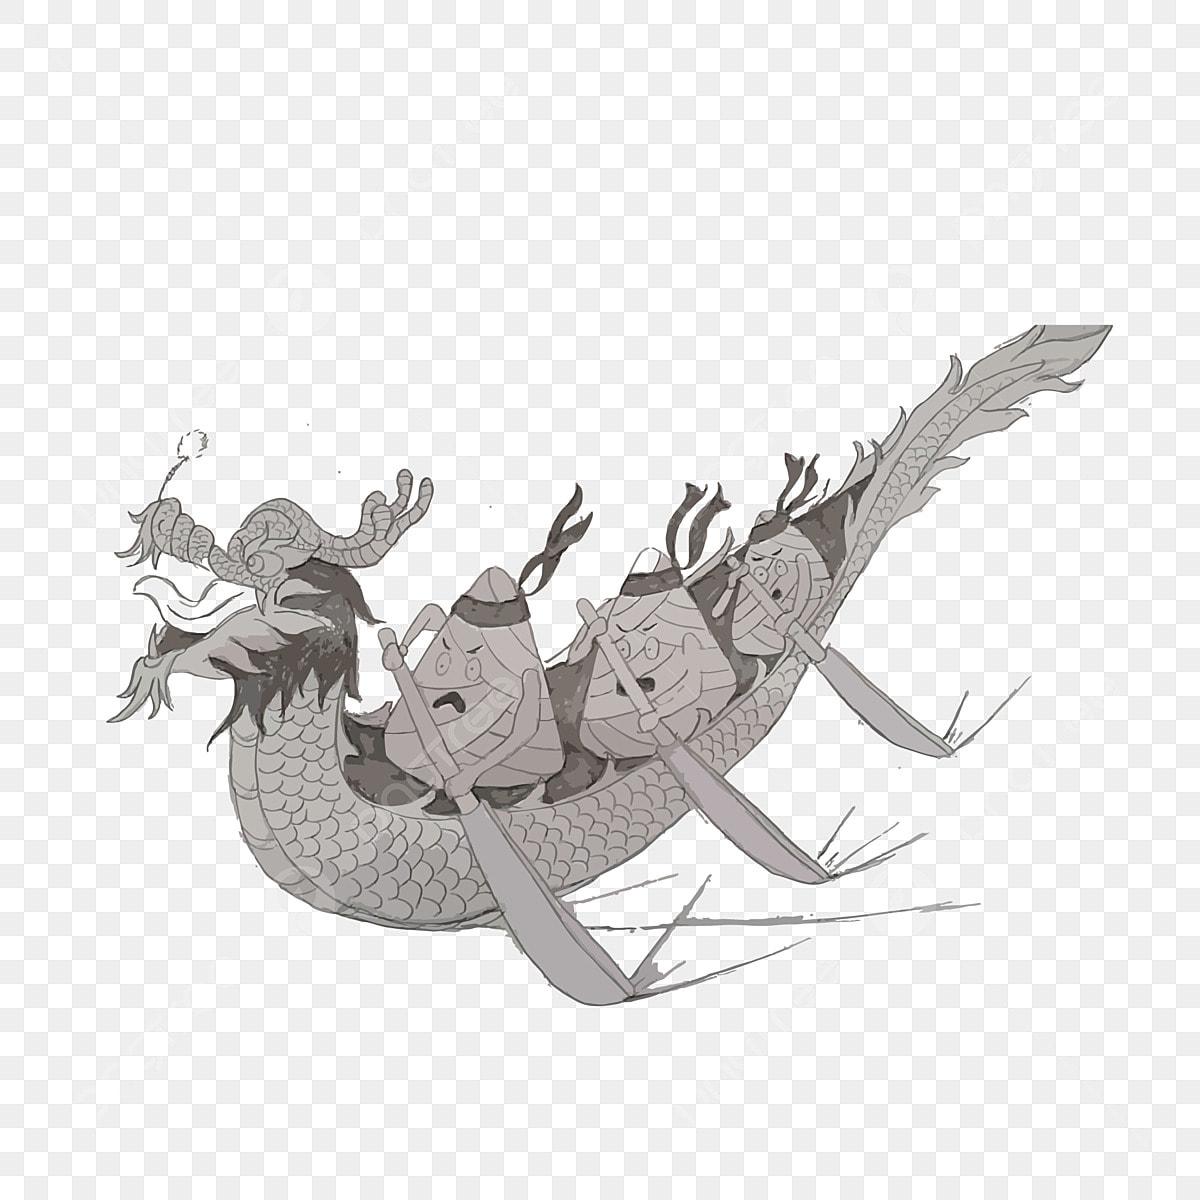 Dibujado A Mano De Dibujos Animados Festival Del Barco Del Dragón